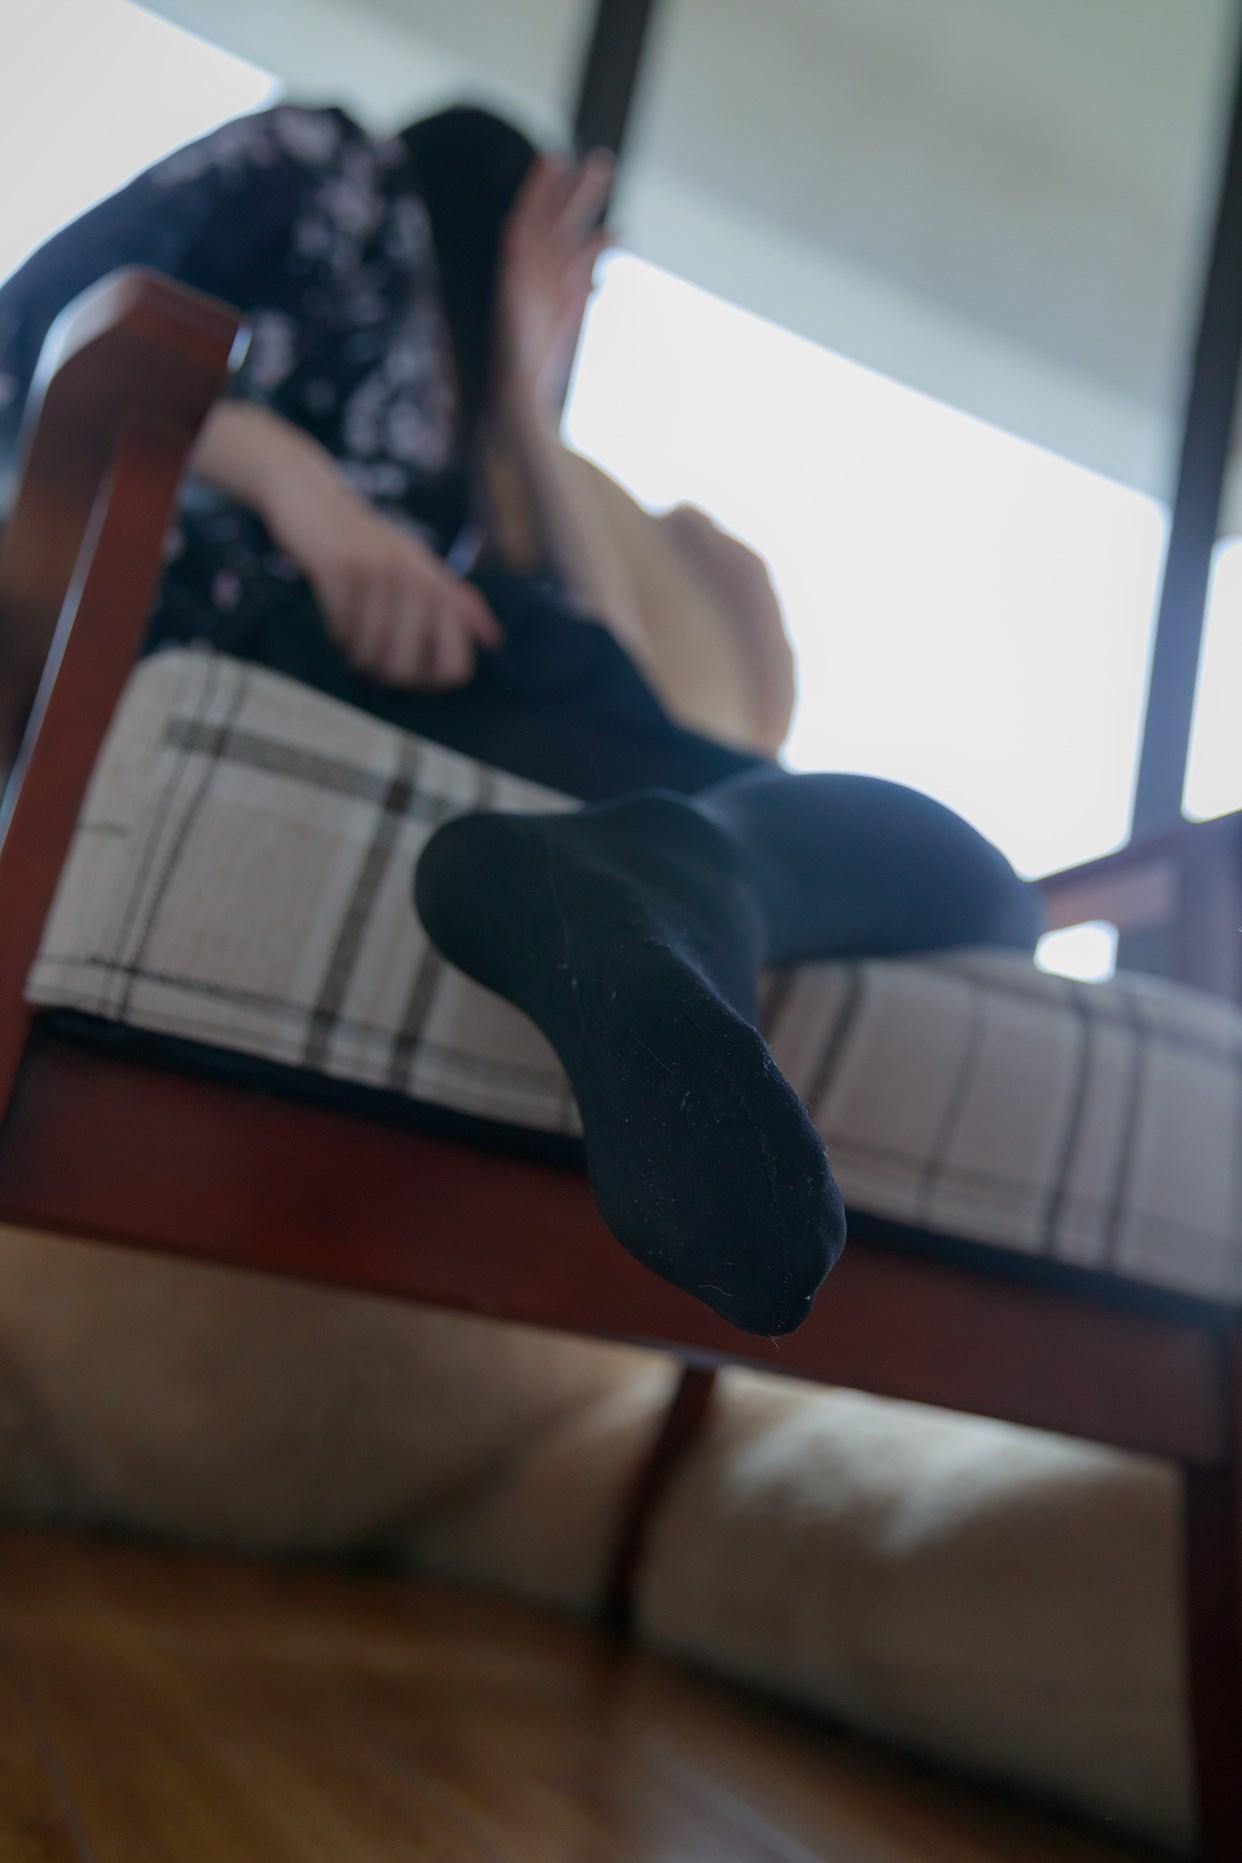 【兔玩映画】椅上的黑丝少女 兔玩映画 第33张